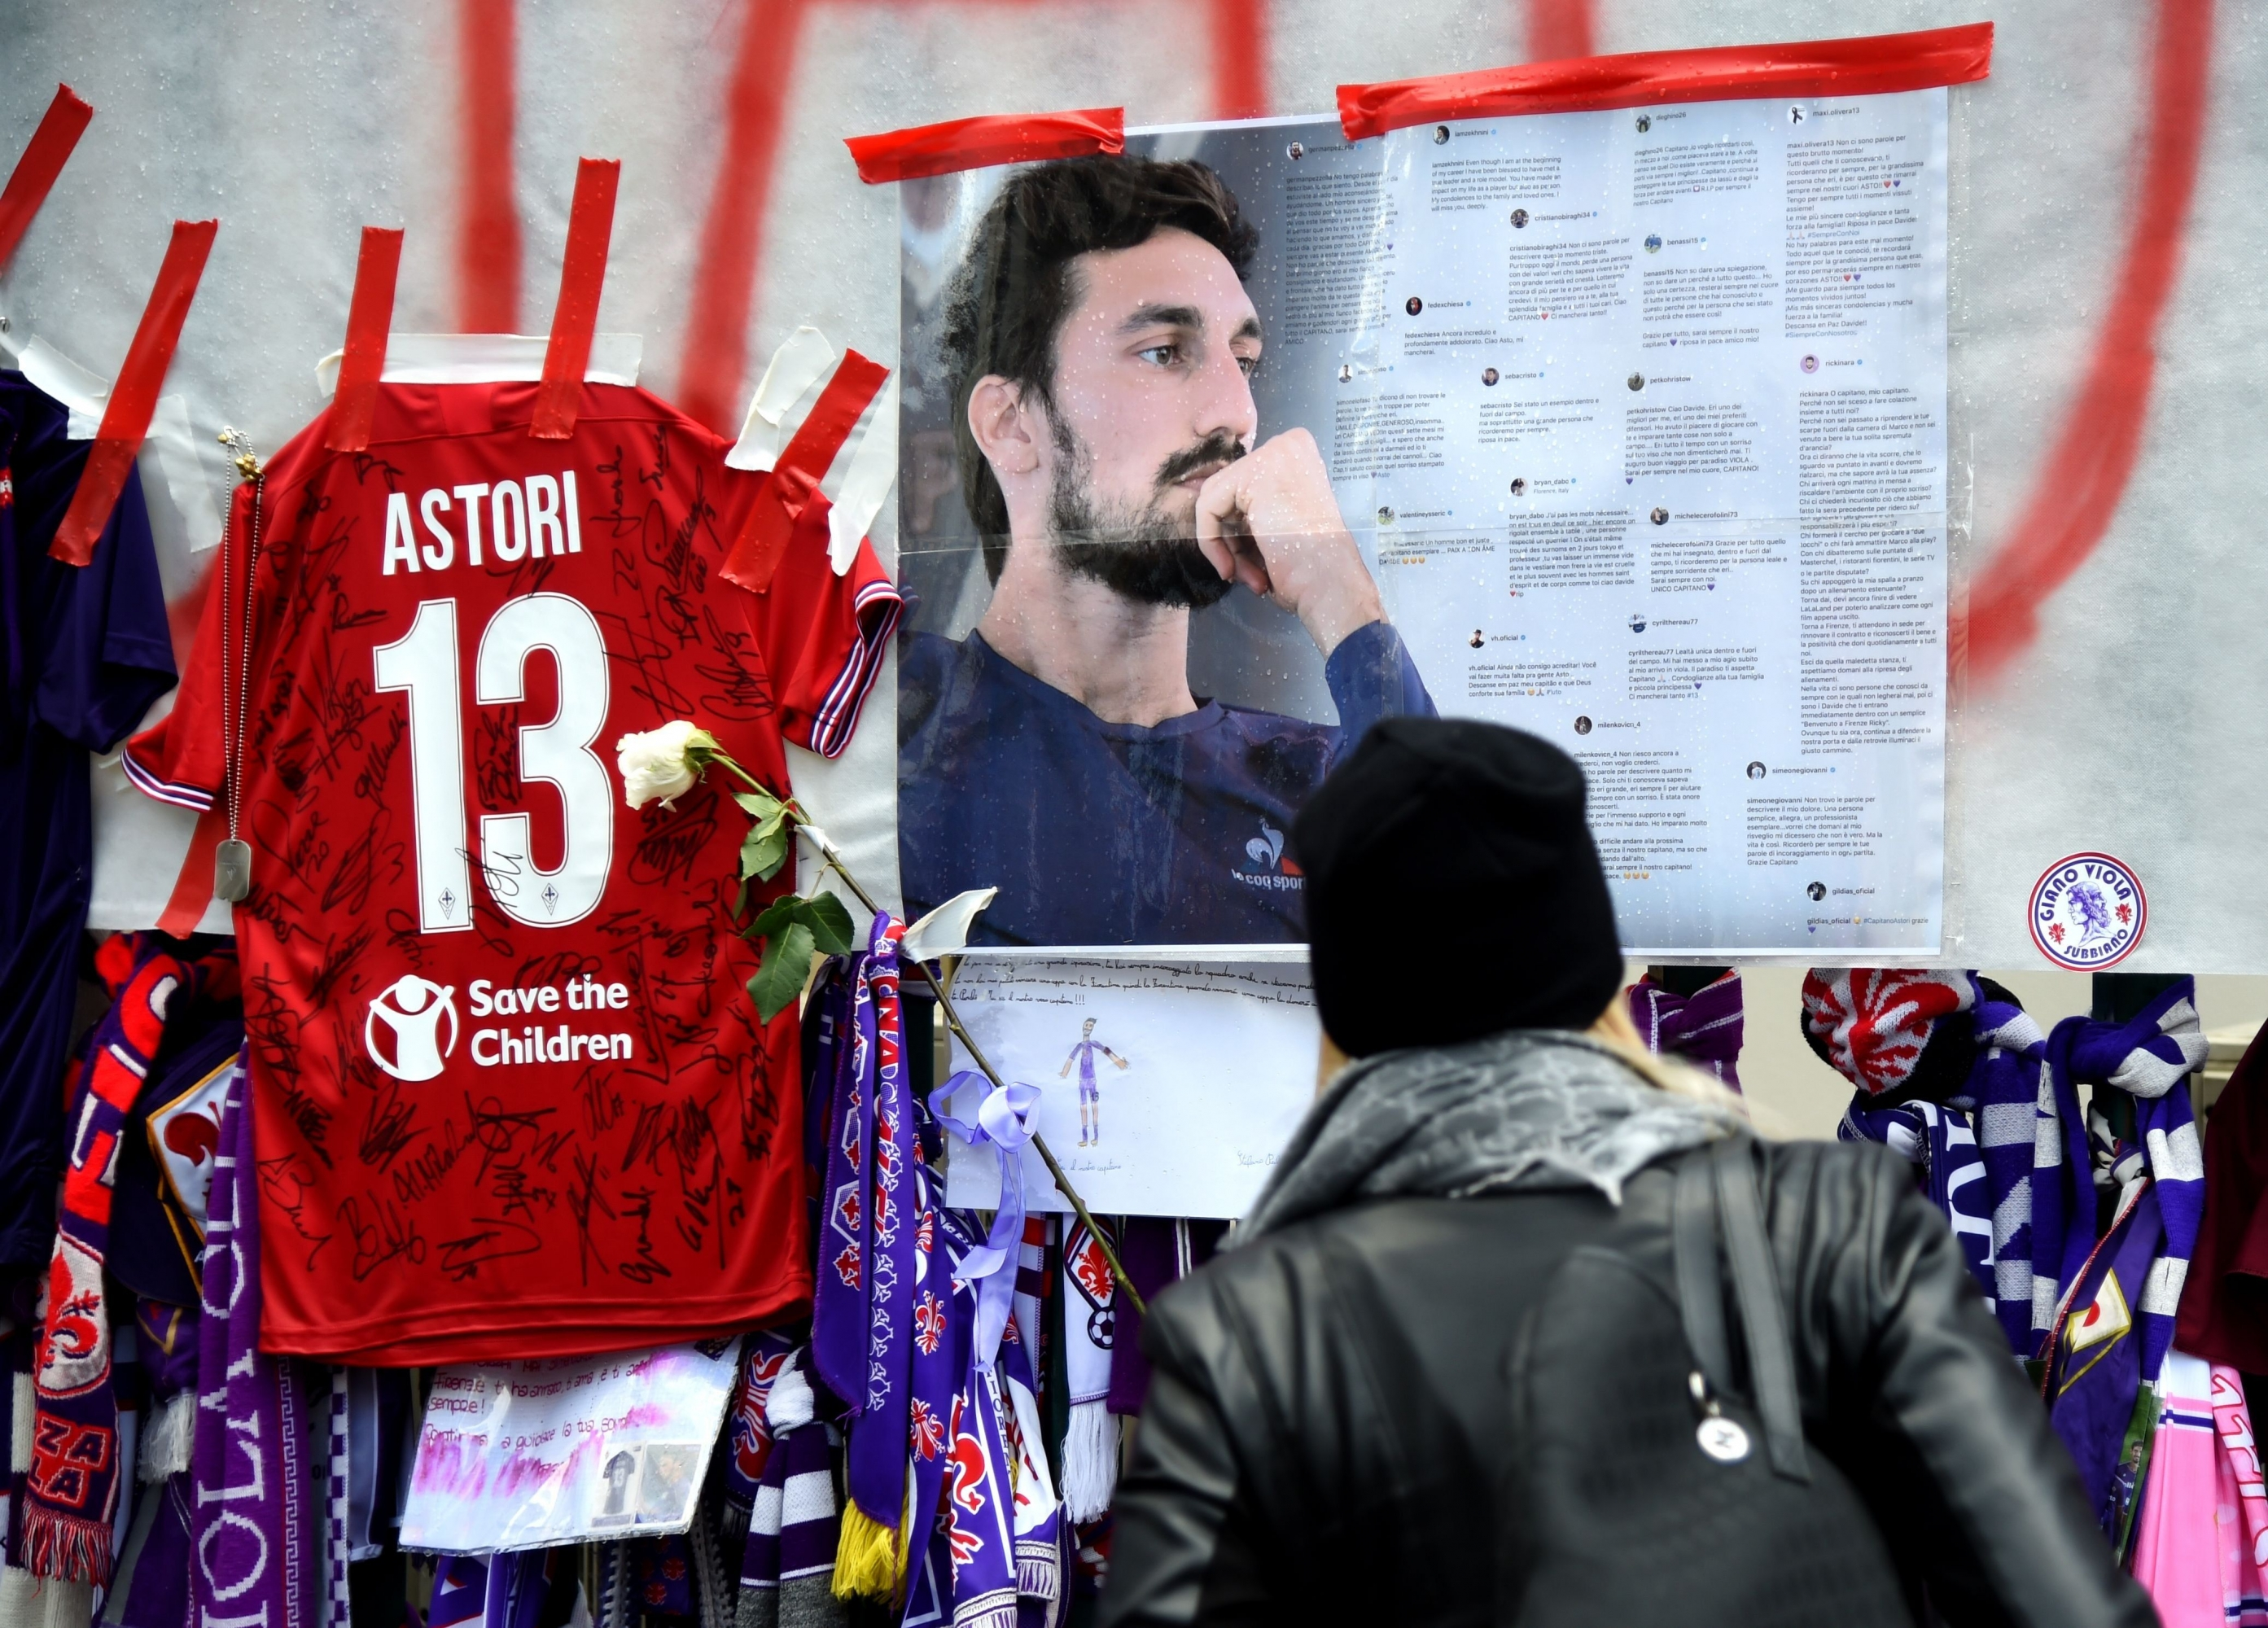 Los fanáticos del fútbol homenajean al difunto capitán de la Fiorentina, Davide Astori. (Foto: AFP)